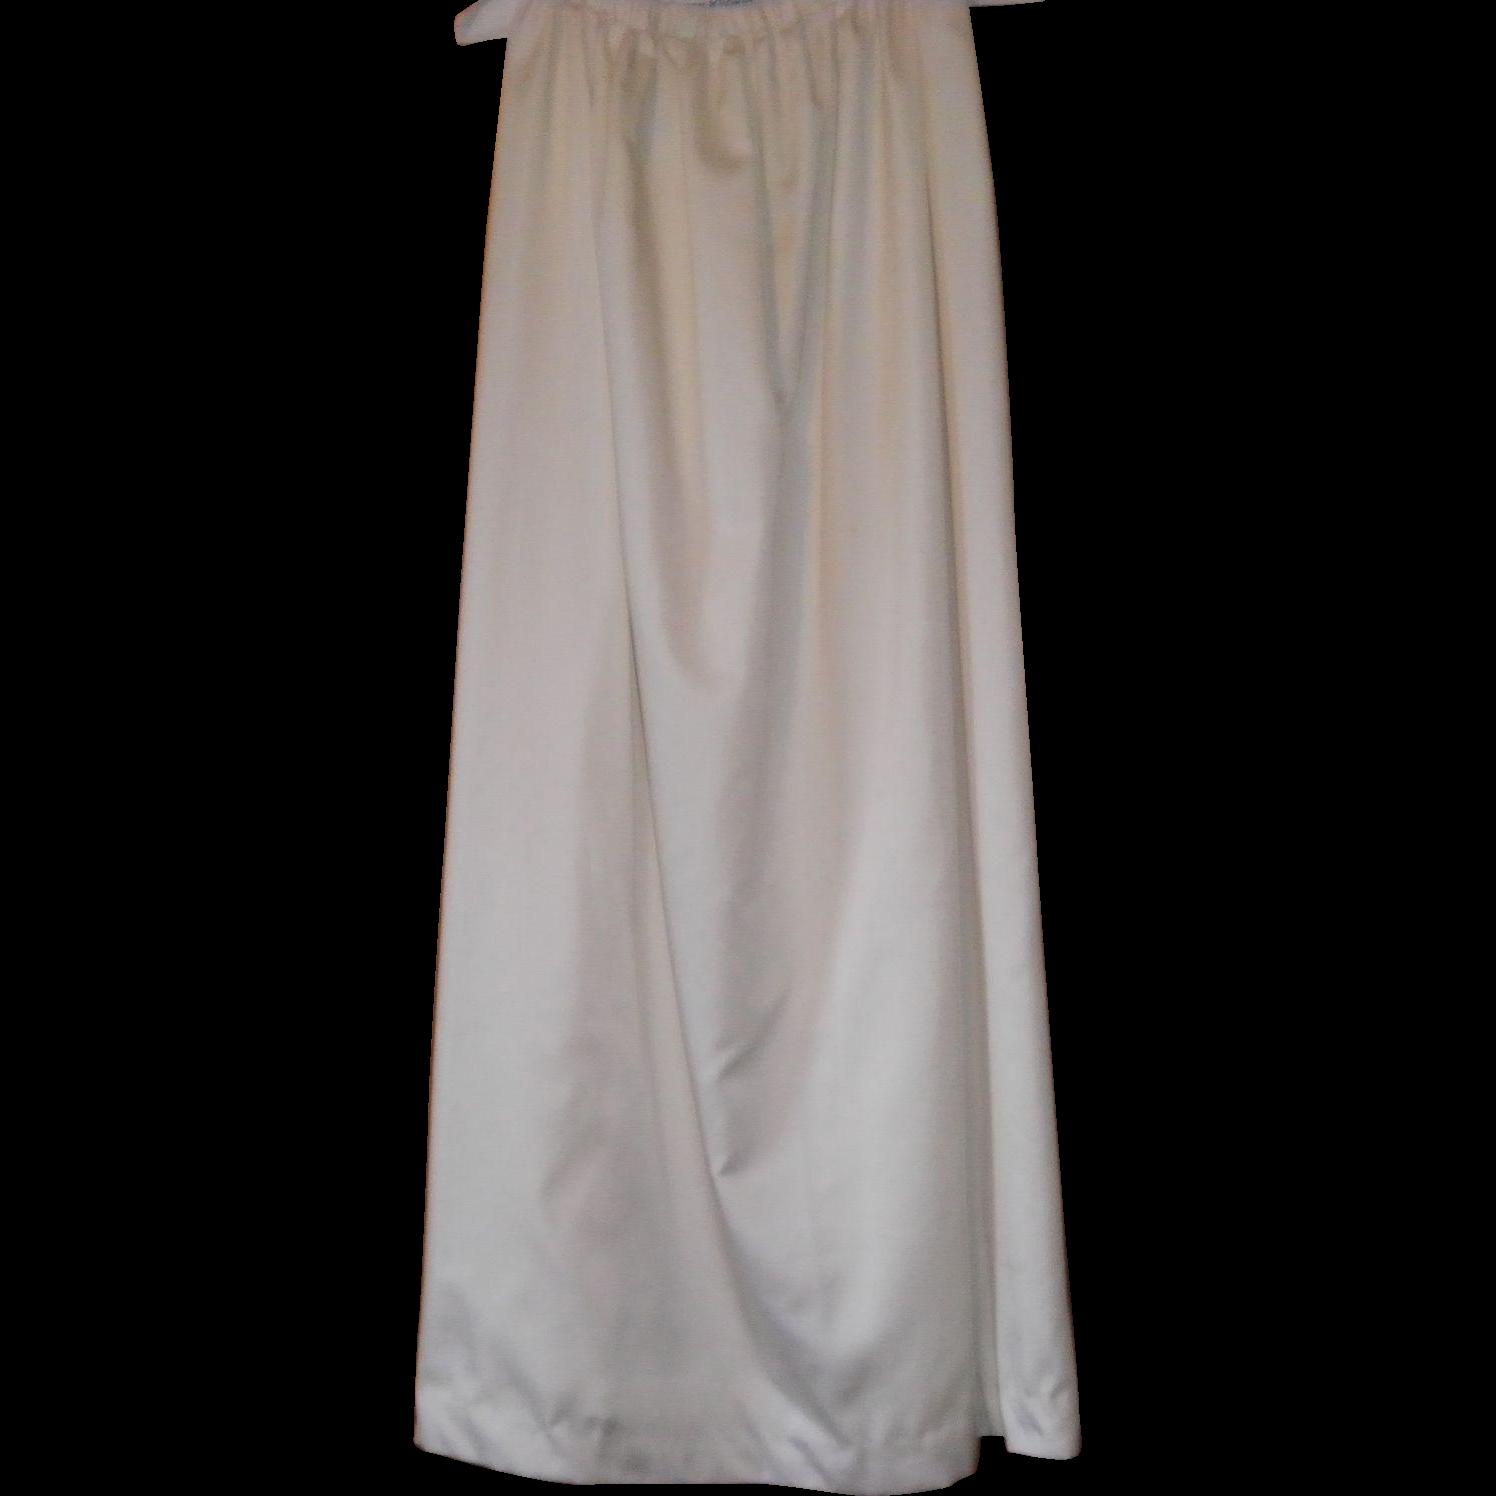 Vintage Satiny Skirt With Slit Size M